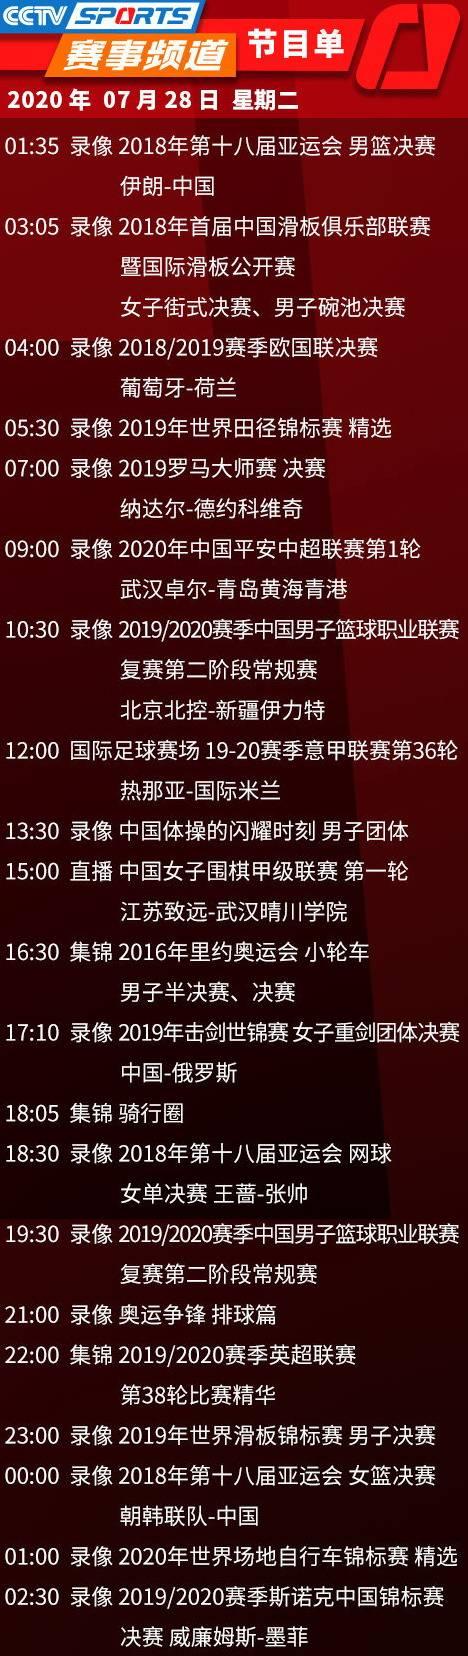 今日央视节目单,CCTV5直播中超报道+意甲国米VS那不勒斯,5+围棋